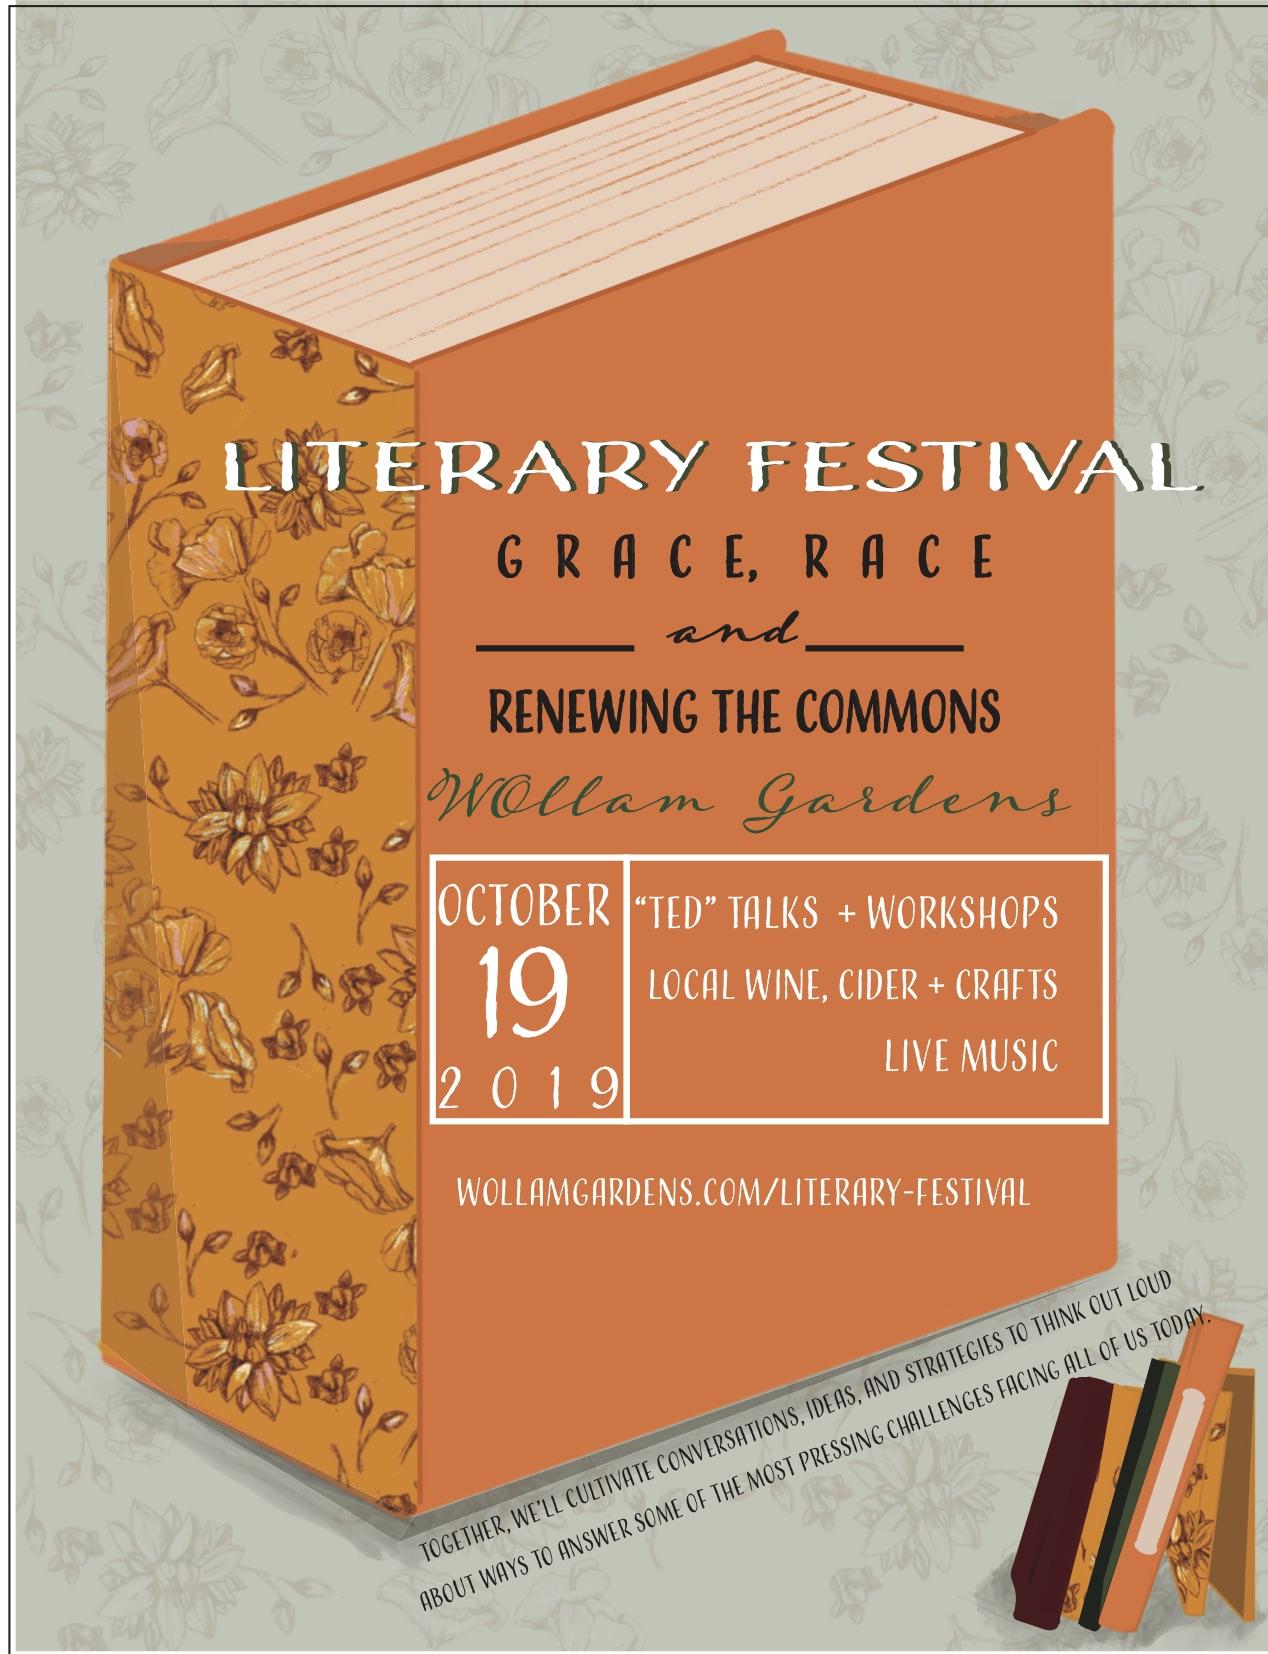 Lit Fest Flyer, FINAL.jpg